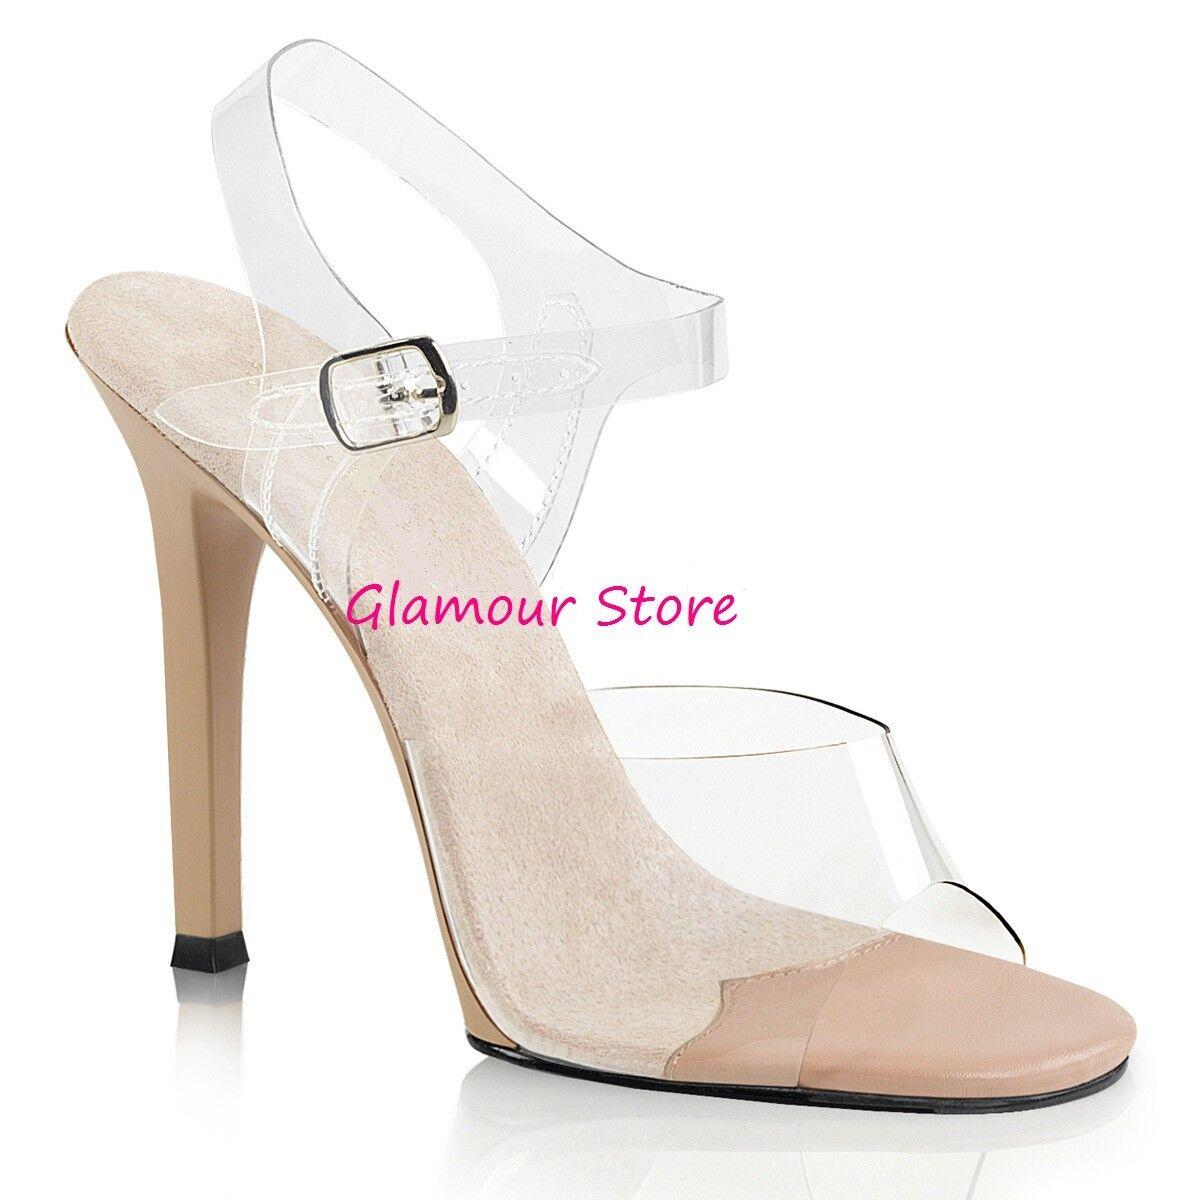 Sexy SANDALI tacco 11,5 dal 35 a 41 scarpe TORTORA/TRASPARENTE cinturino scarpe 41 GLAMOUR 6a5aa0